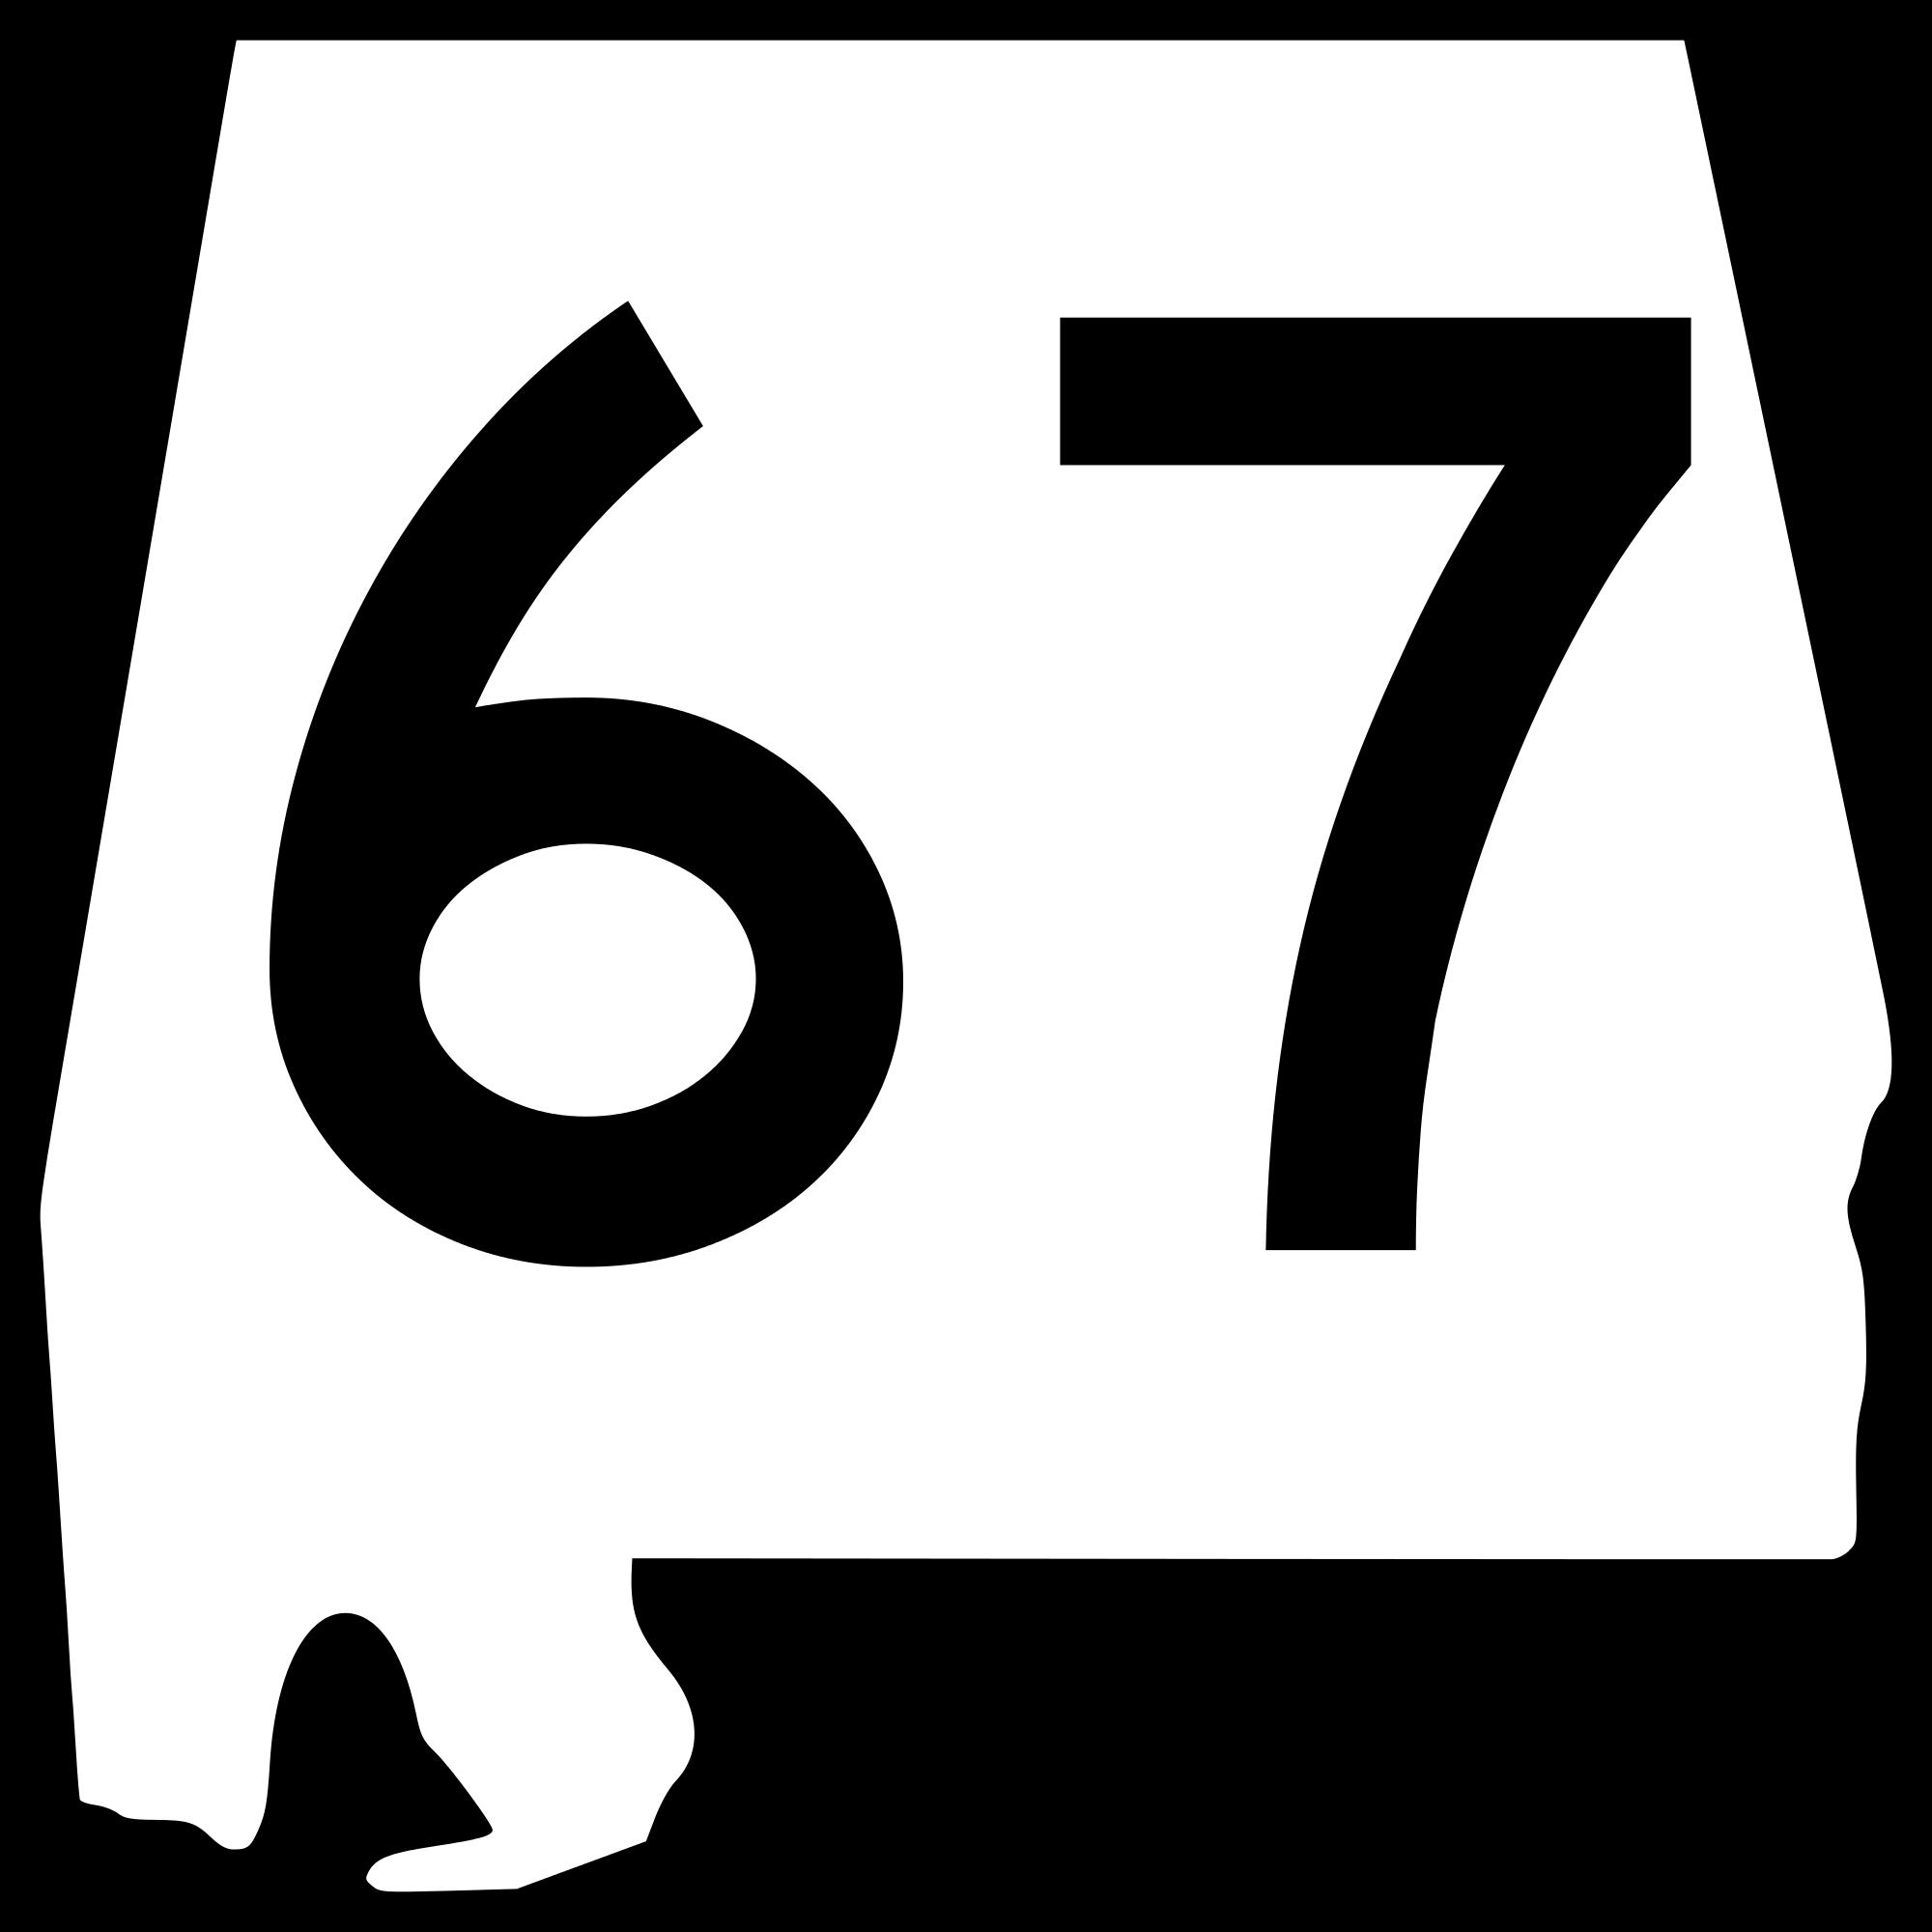 File:Alabama 67.svg.